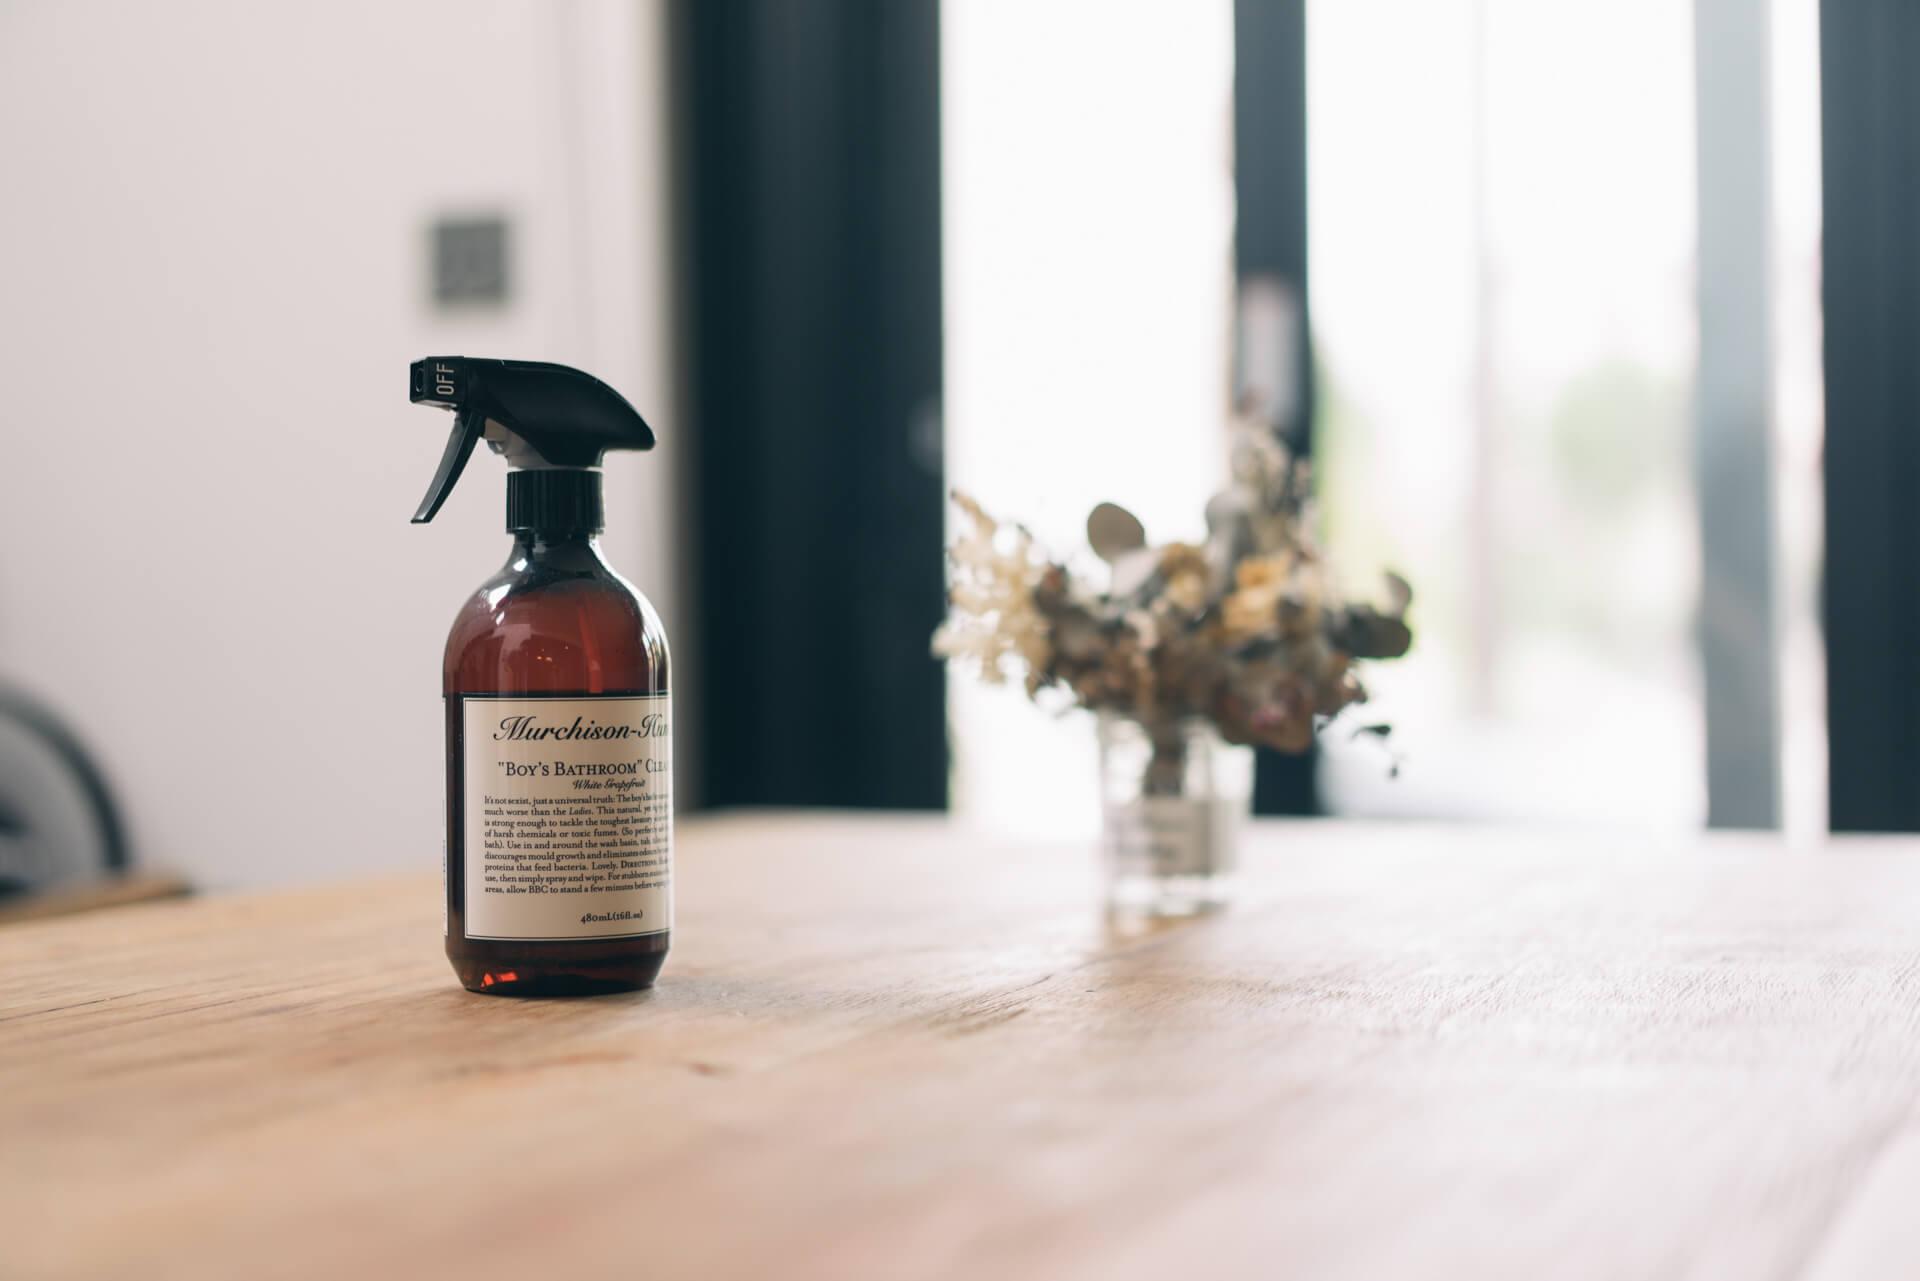 洗剤も、良い香りやデザインのものを選ぶとテンションが上がります。こちらはマーチソンヒュームのフードセーフ スプレー。(このアイテムはこちら)